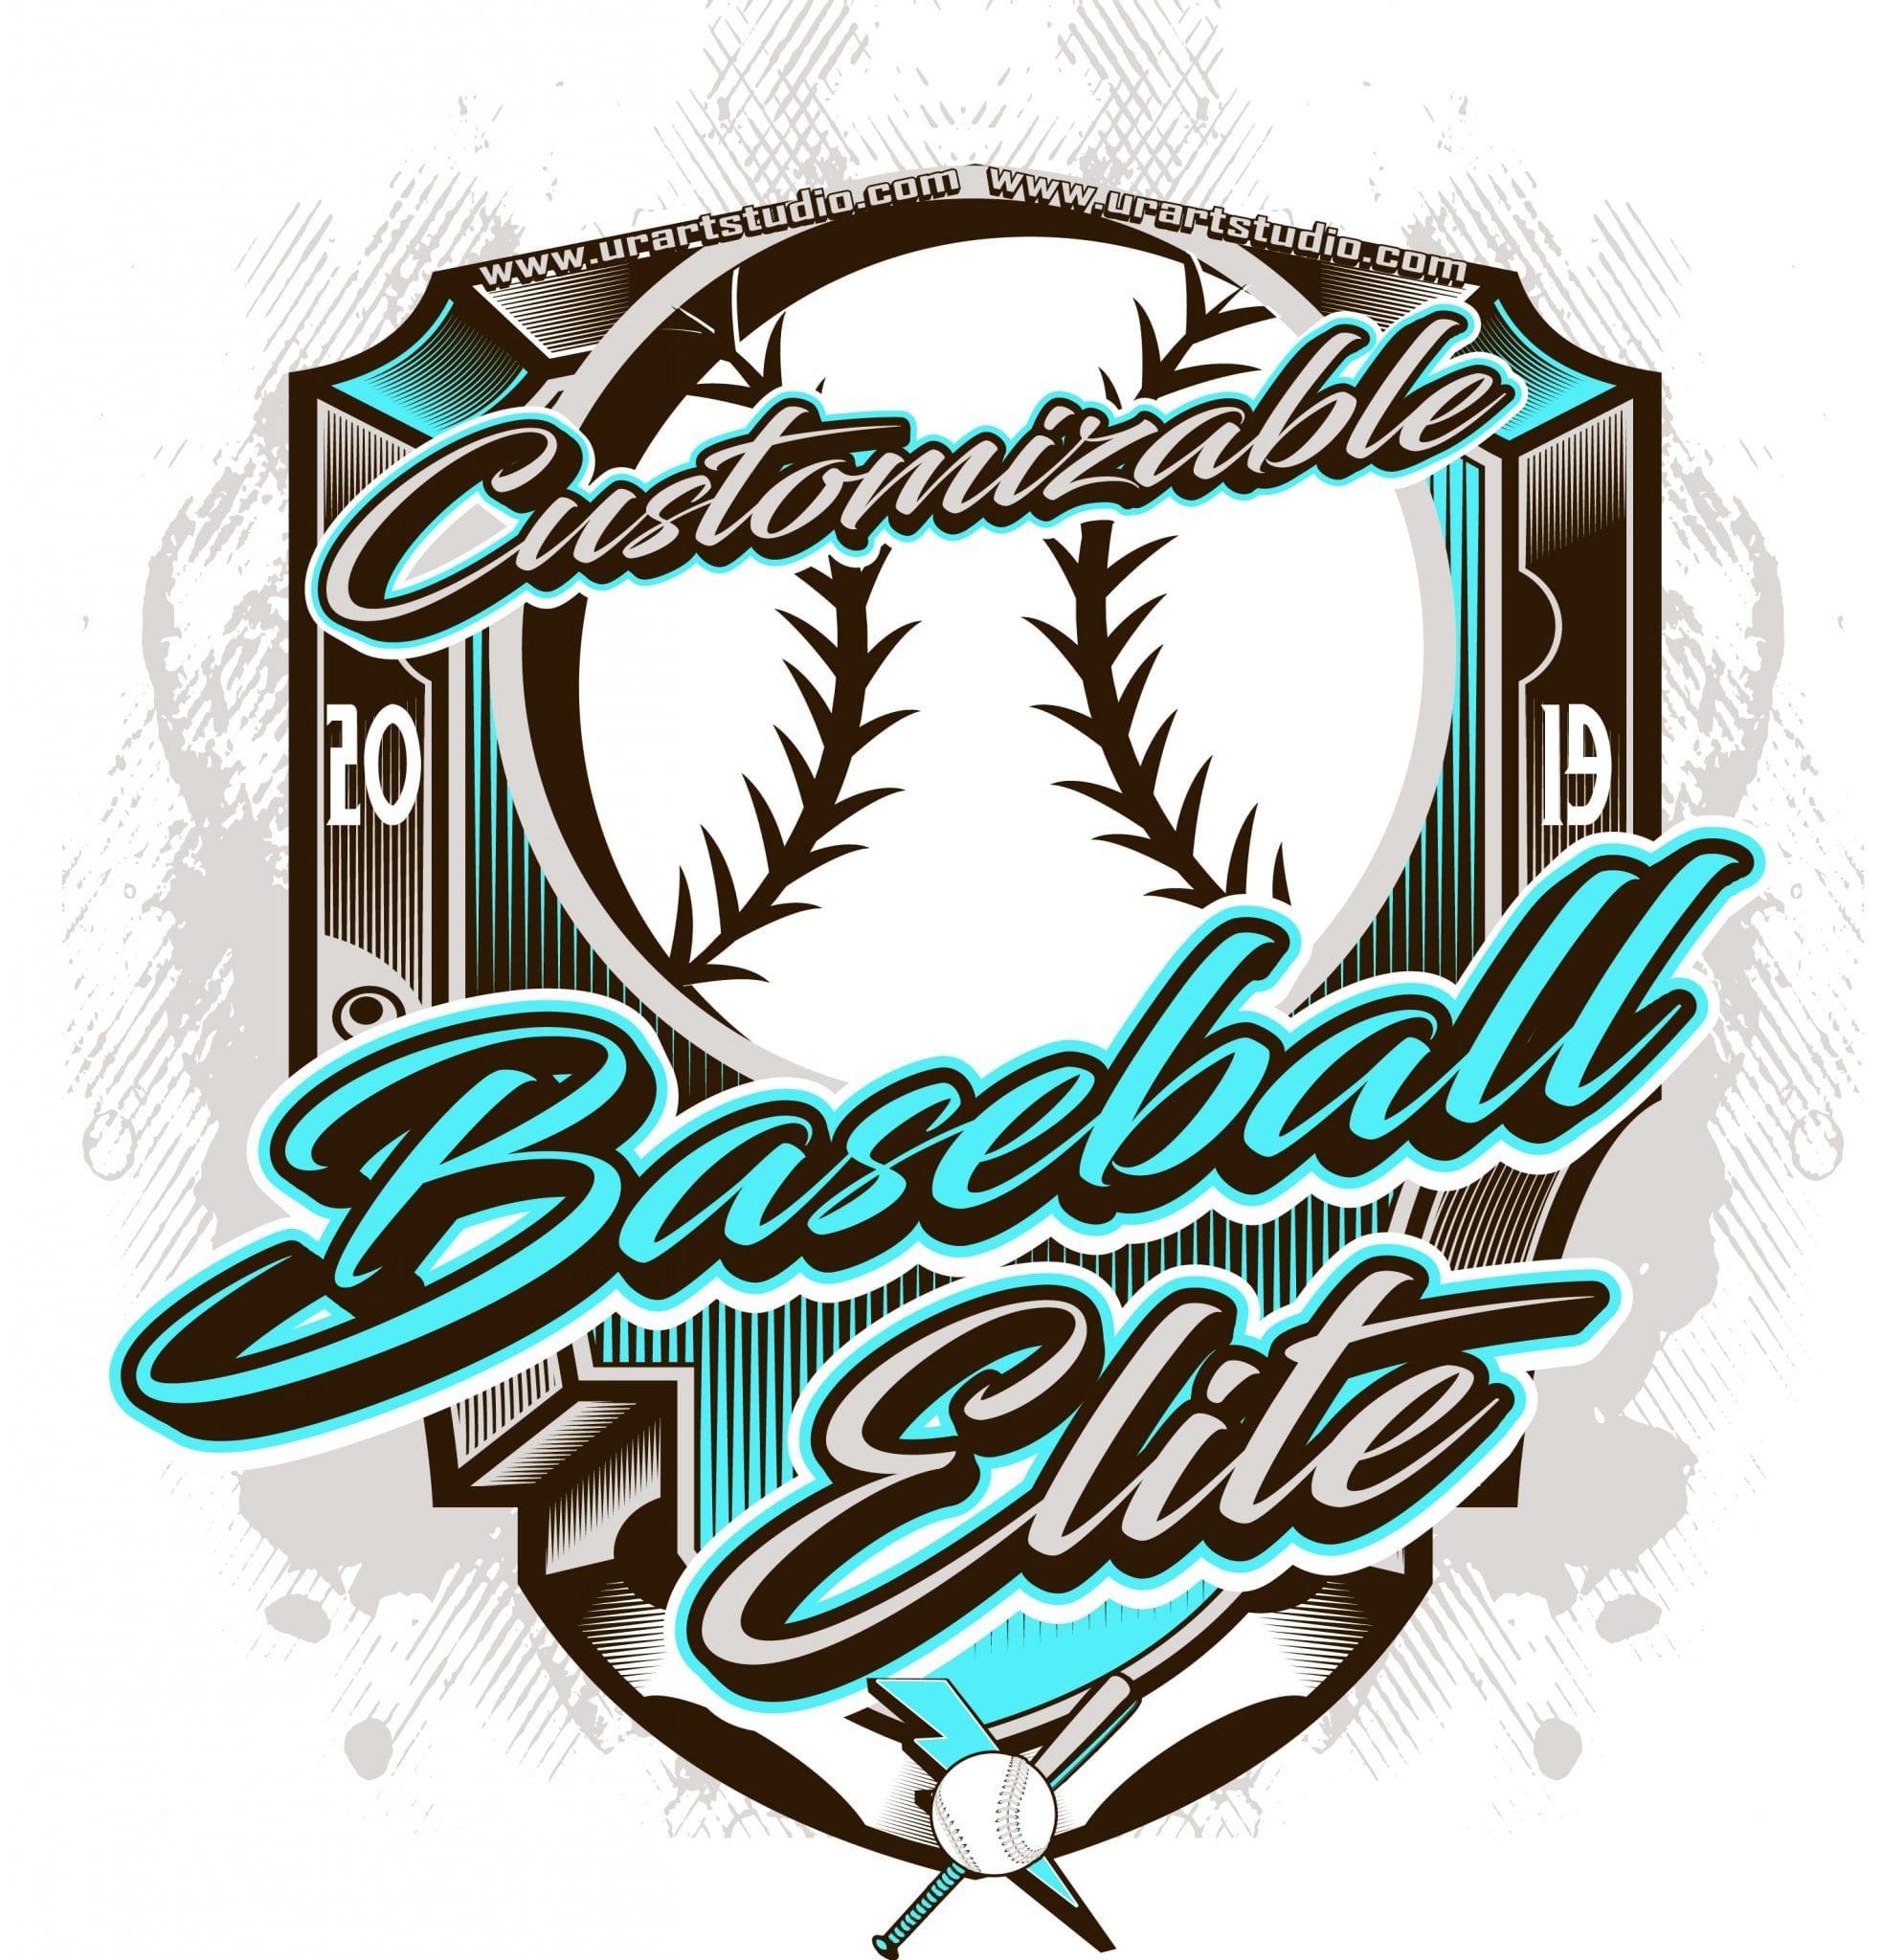 BASEBALL ELITE customizable T-shirt vector logo design for print 2019